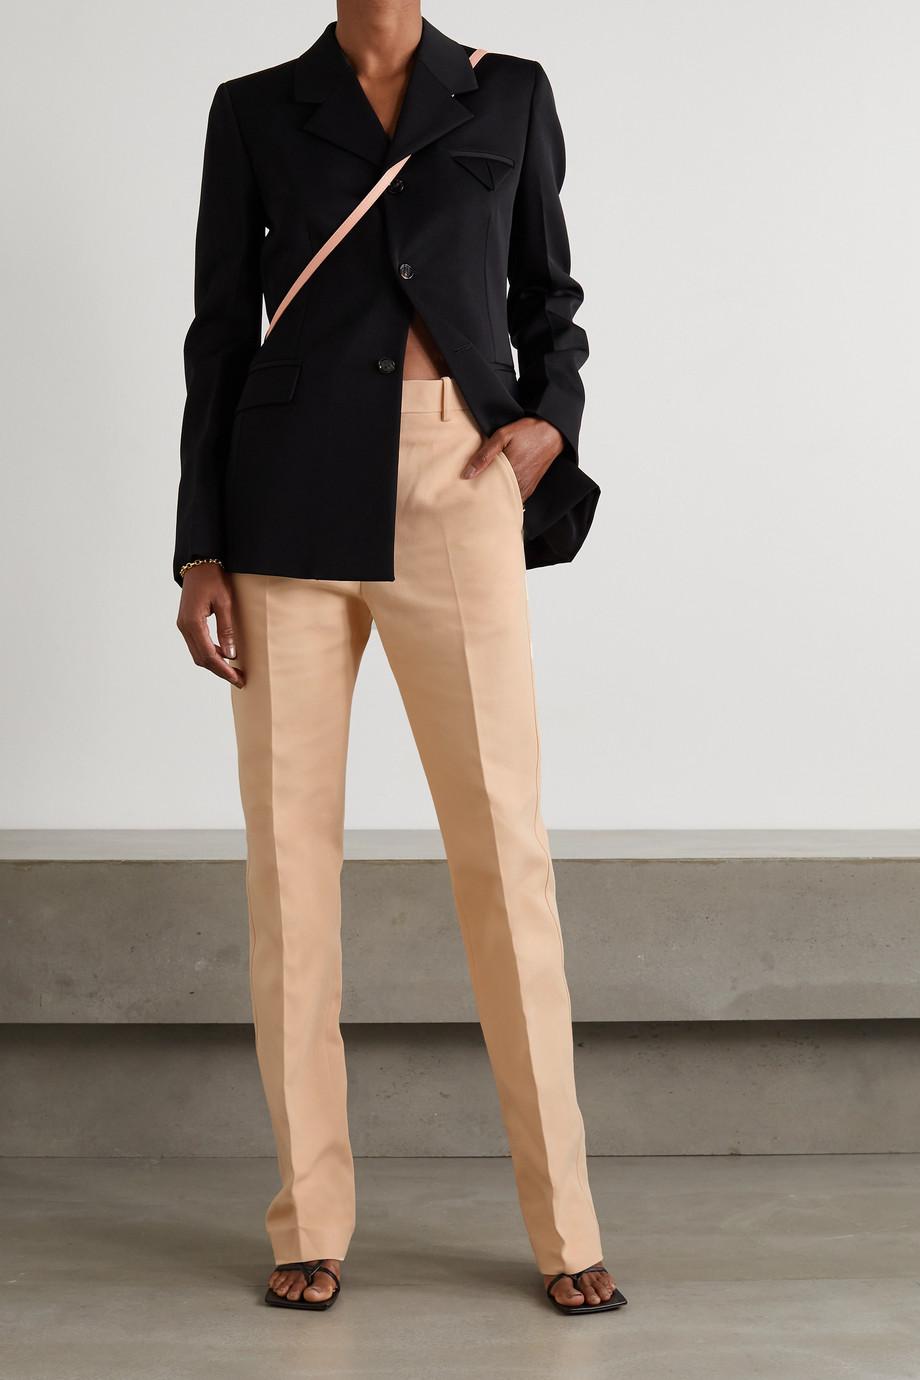 Bottega Veneta Hose mit geradem Bein aus Baumwoll-Canvas